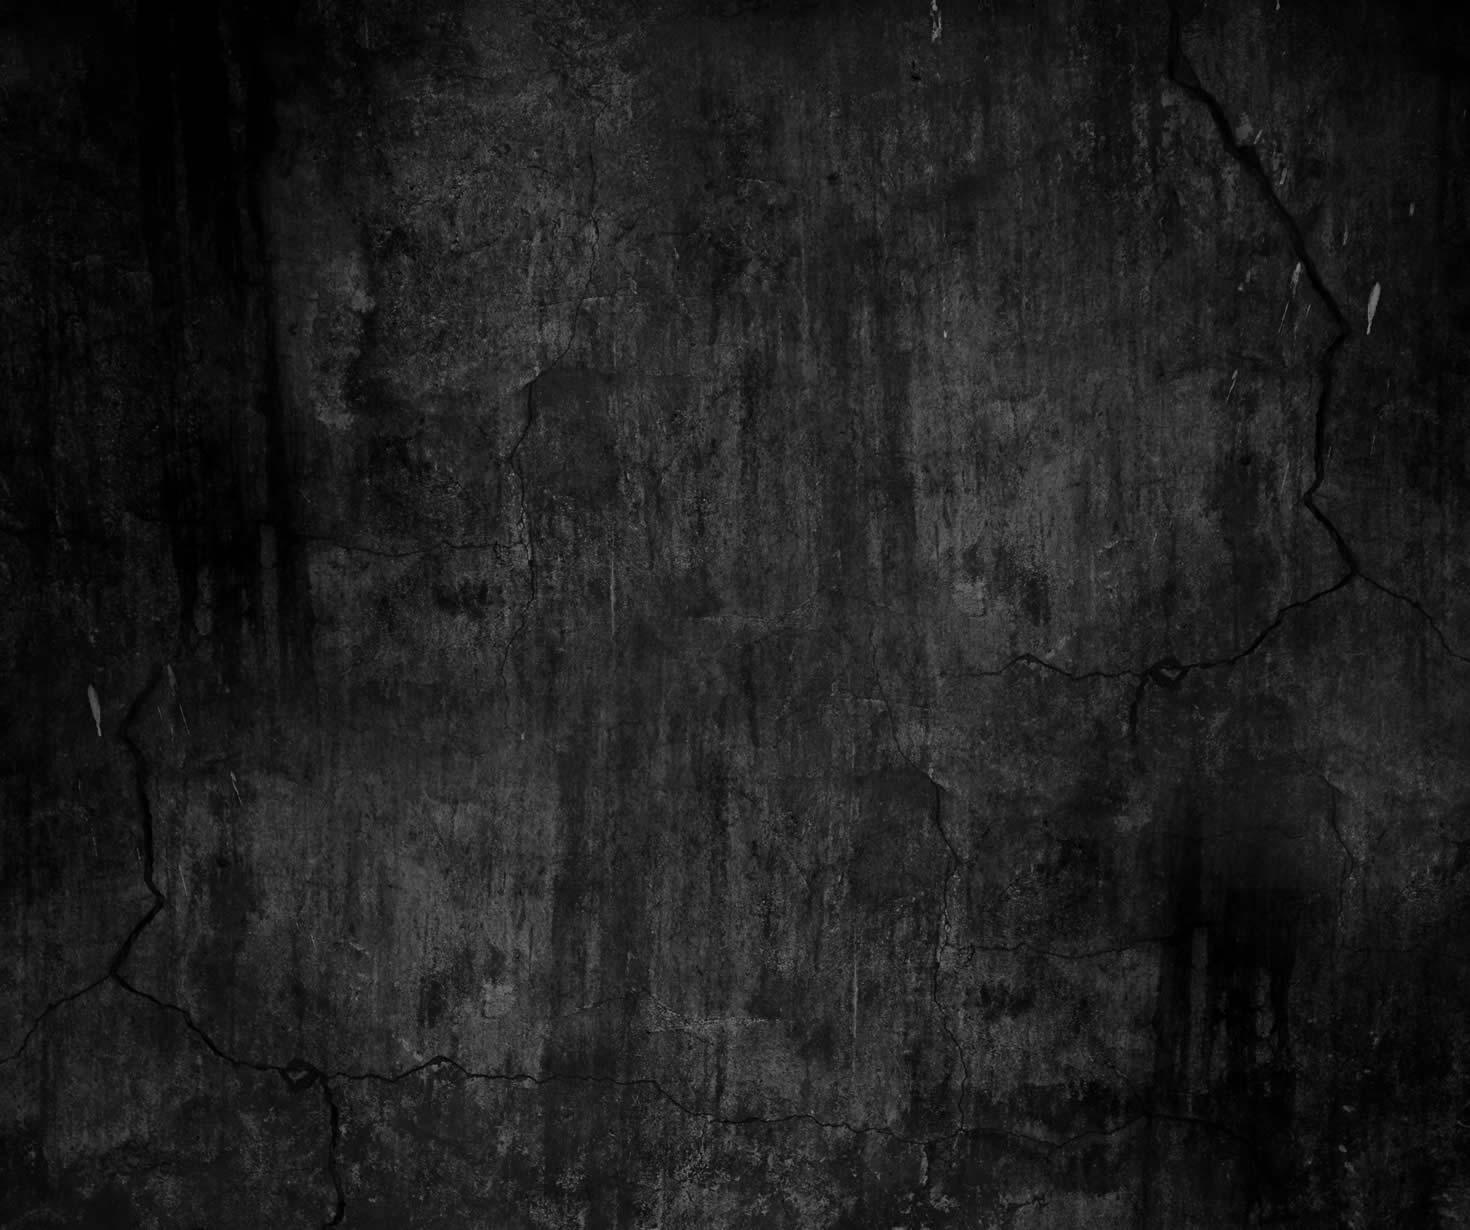 Как на фото сделать темный фон сзади